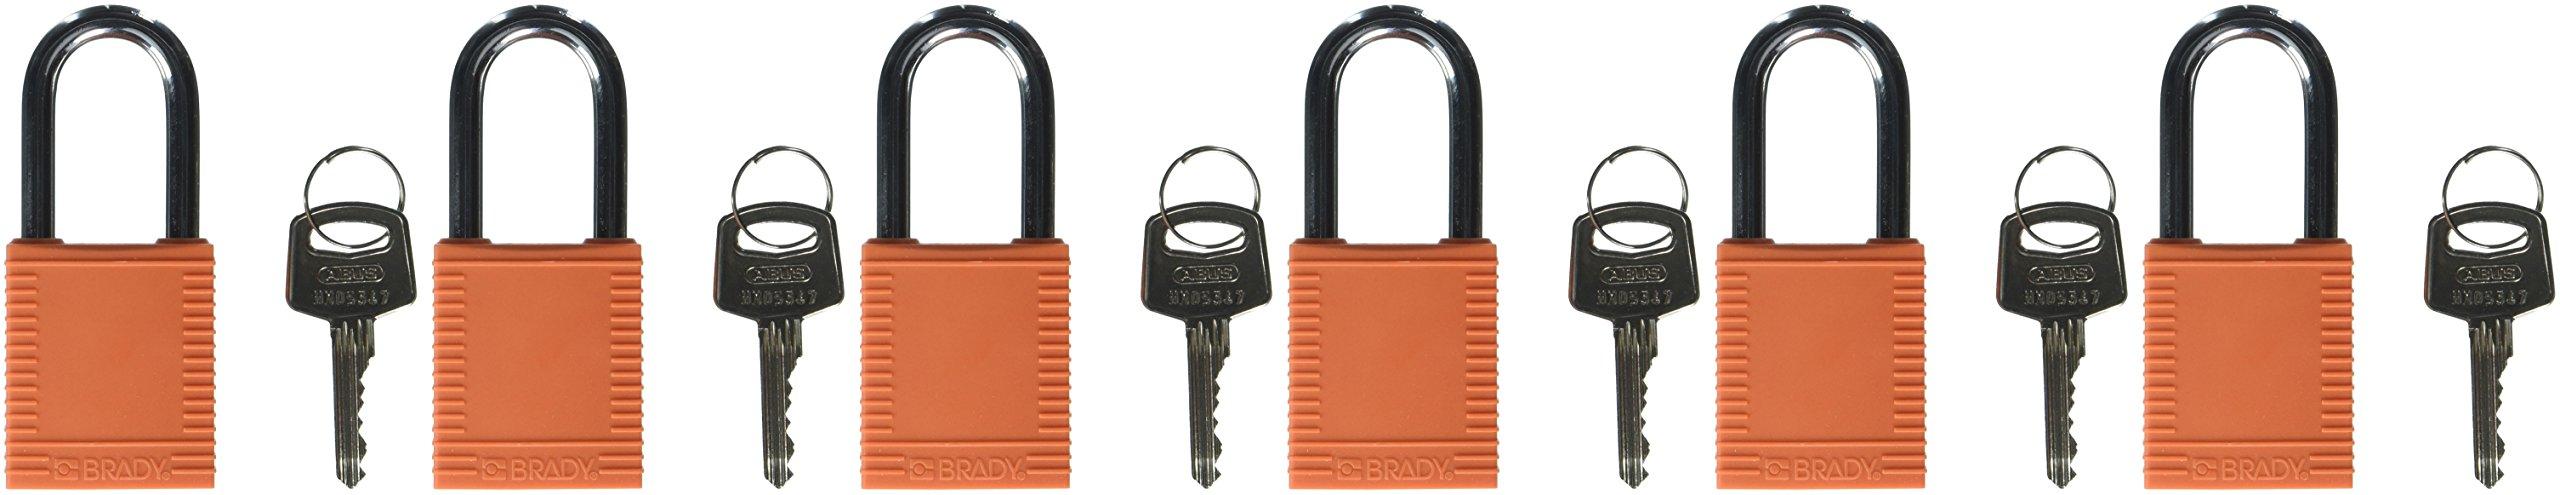 Brady 123270 Lockout Padlock, Keyed Alike, 1/4'', Orange (Pack of 6)